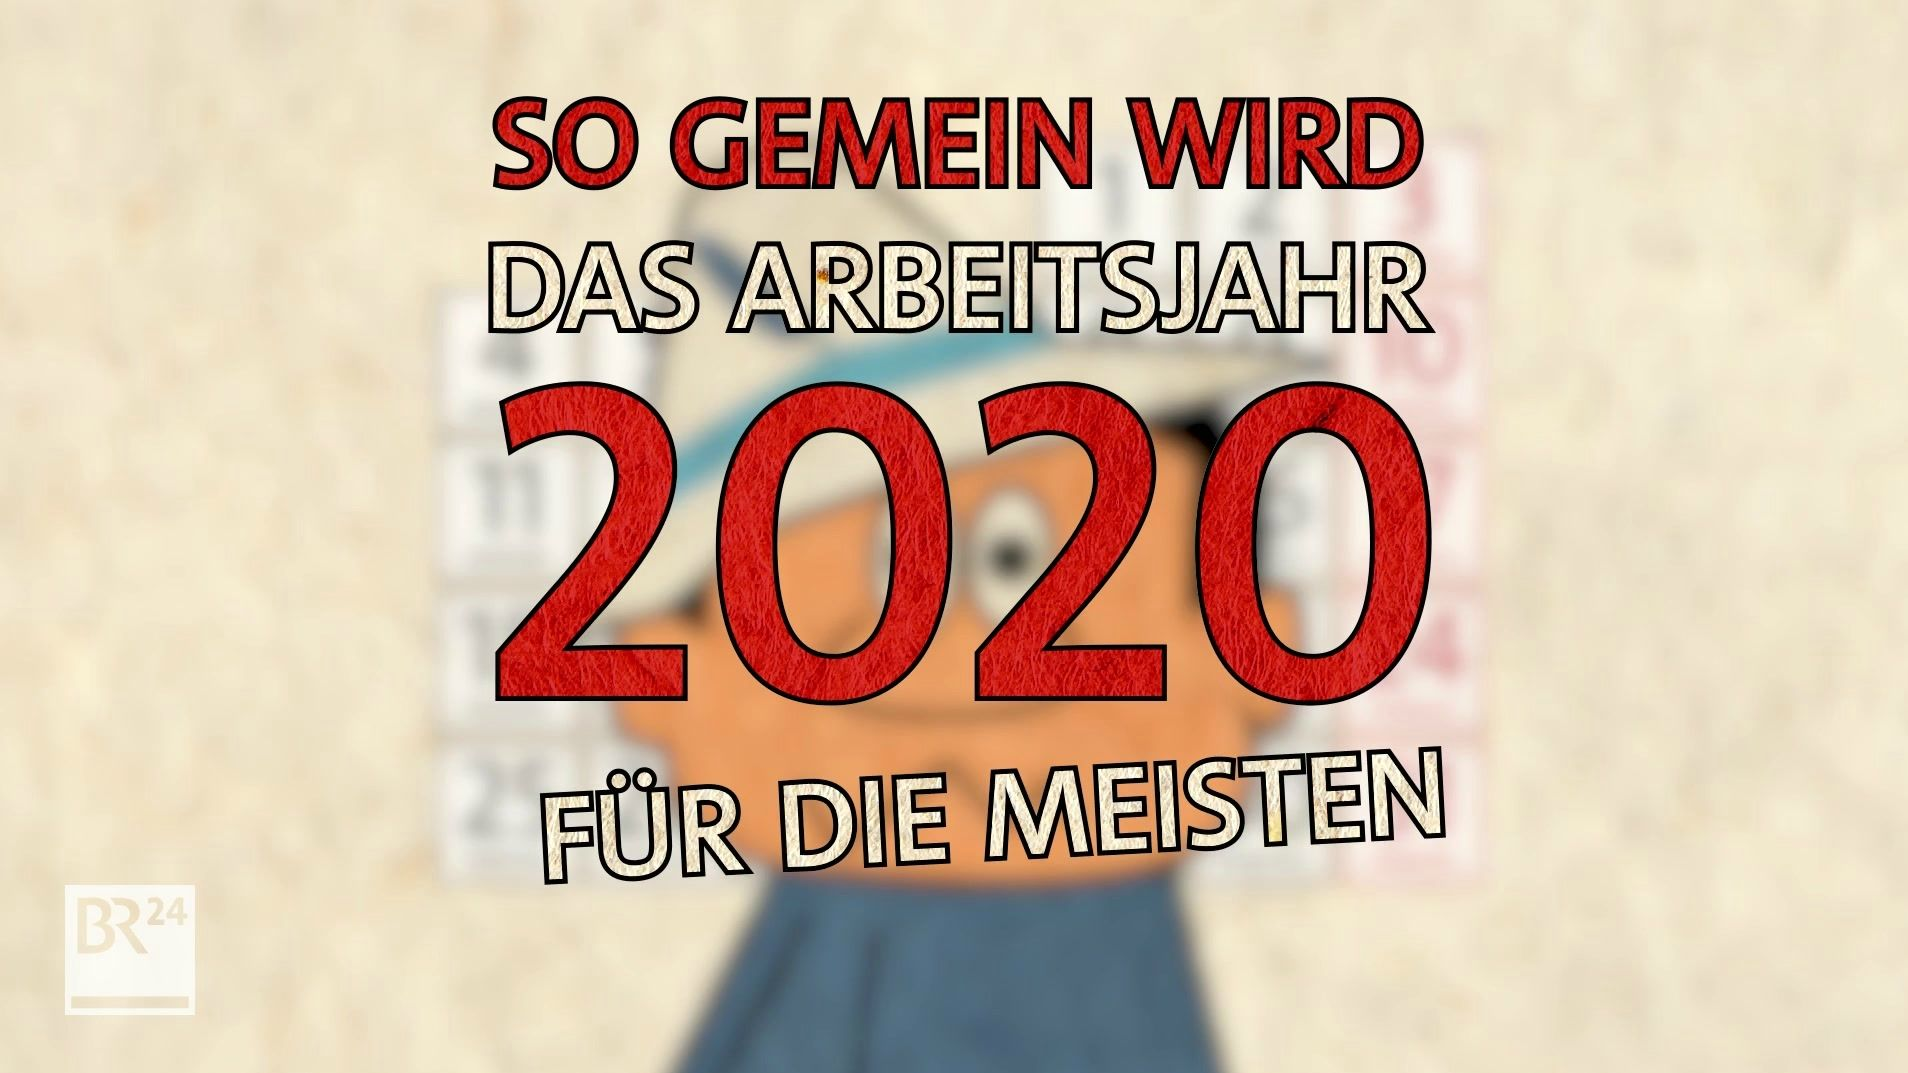 So gemein wird das Arbeitsjahr 2020 für die meisten